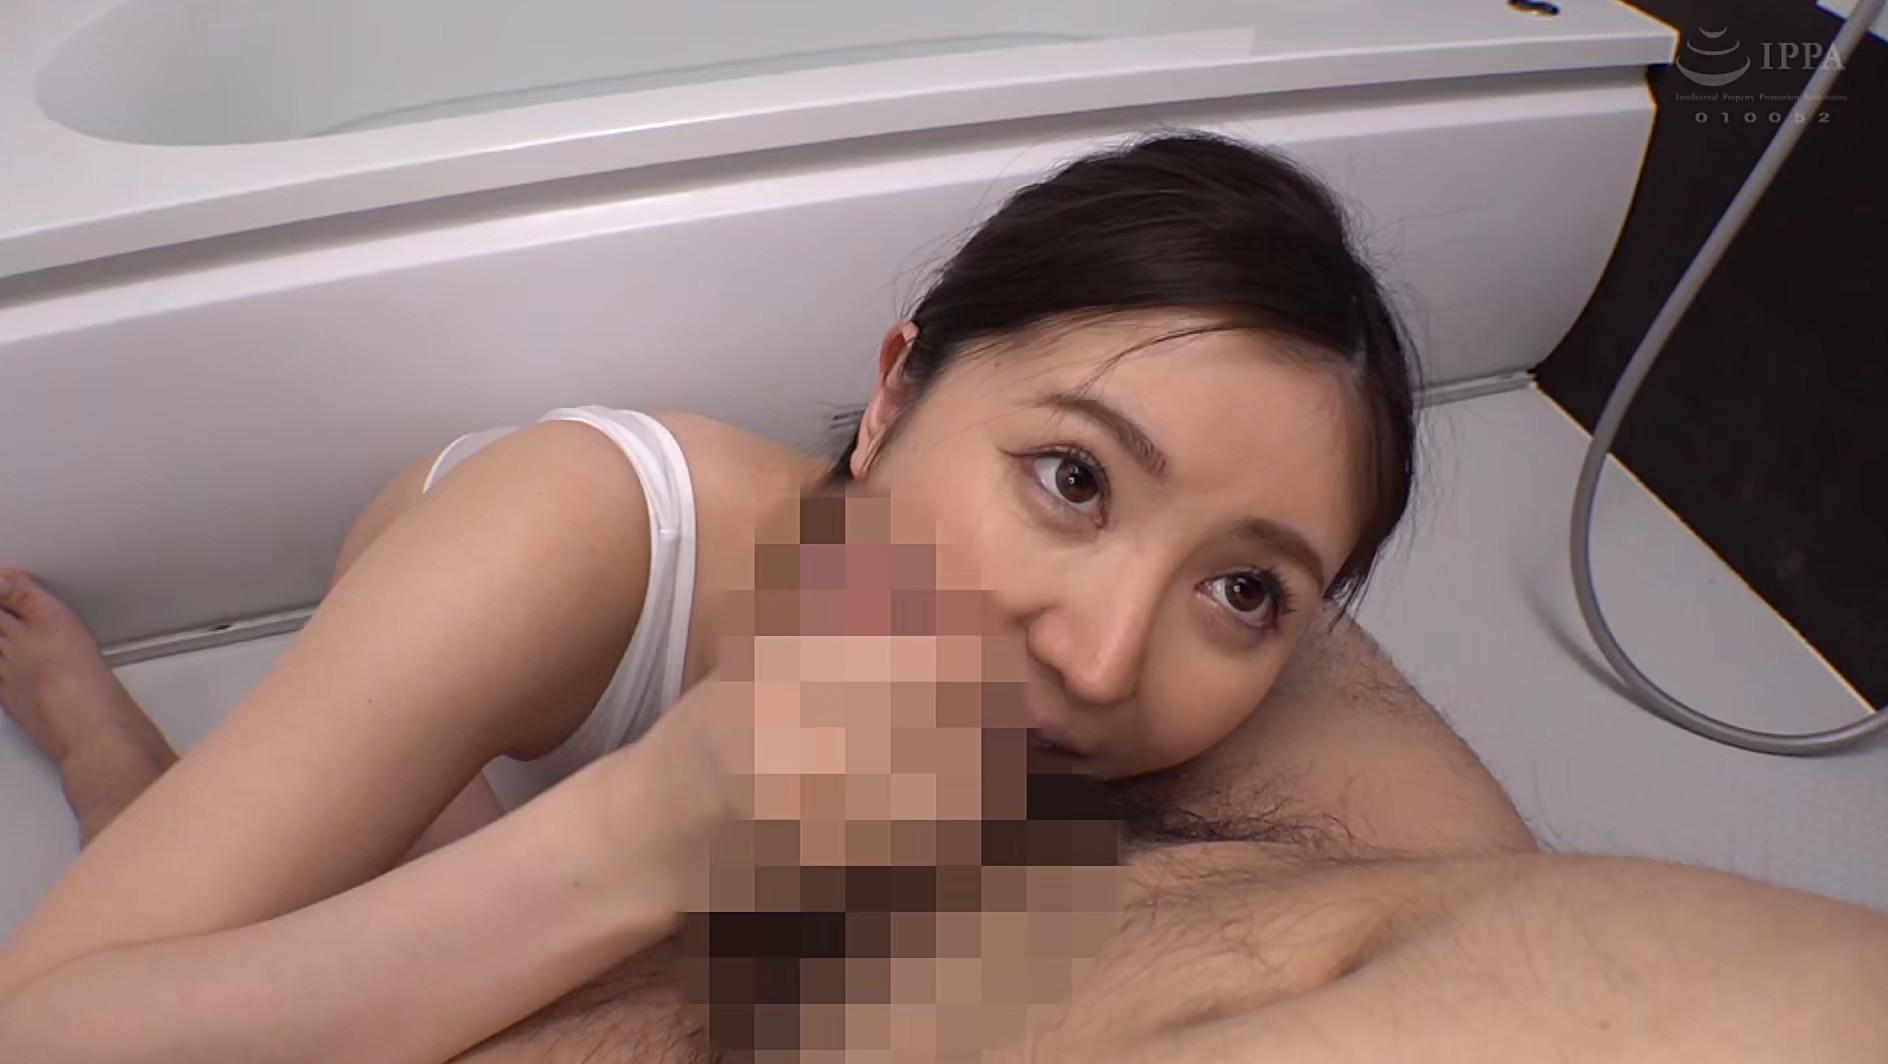 悪徳店長に騙された礼儀正しい女の風俗面接ドキュメント 東希美 画像10